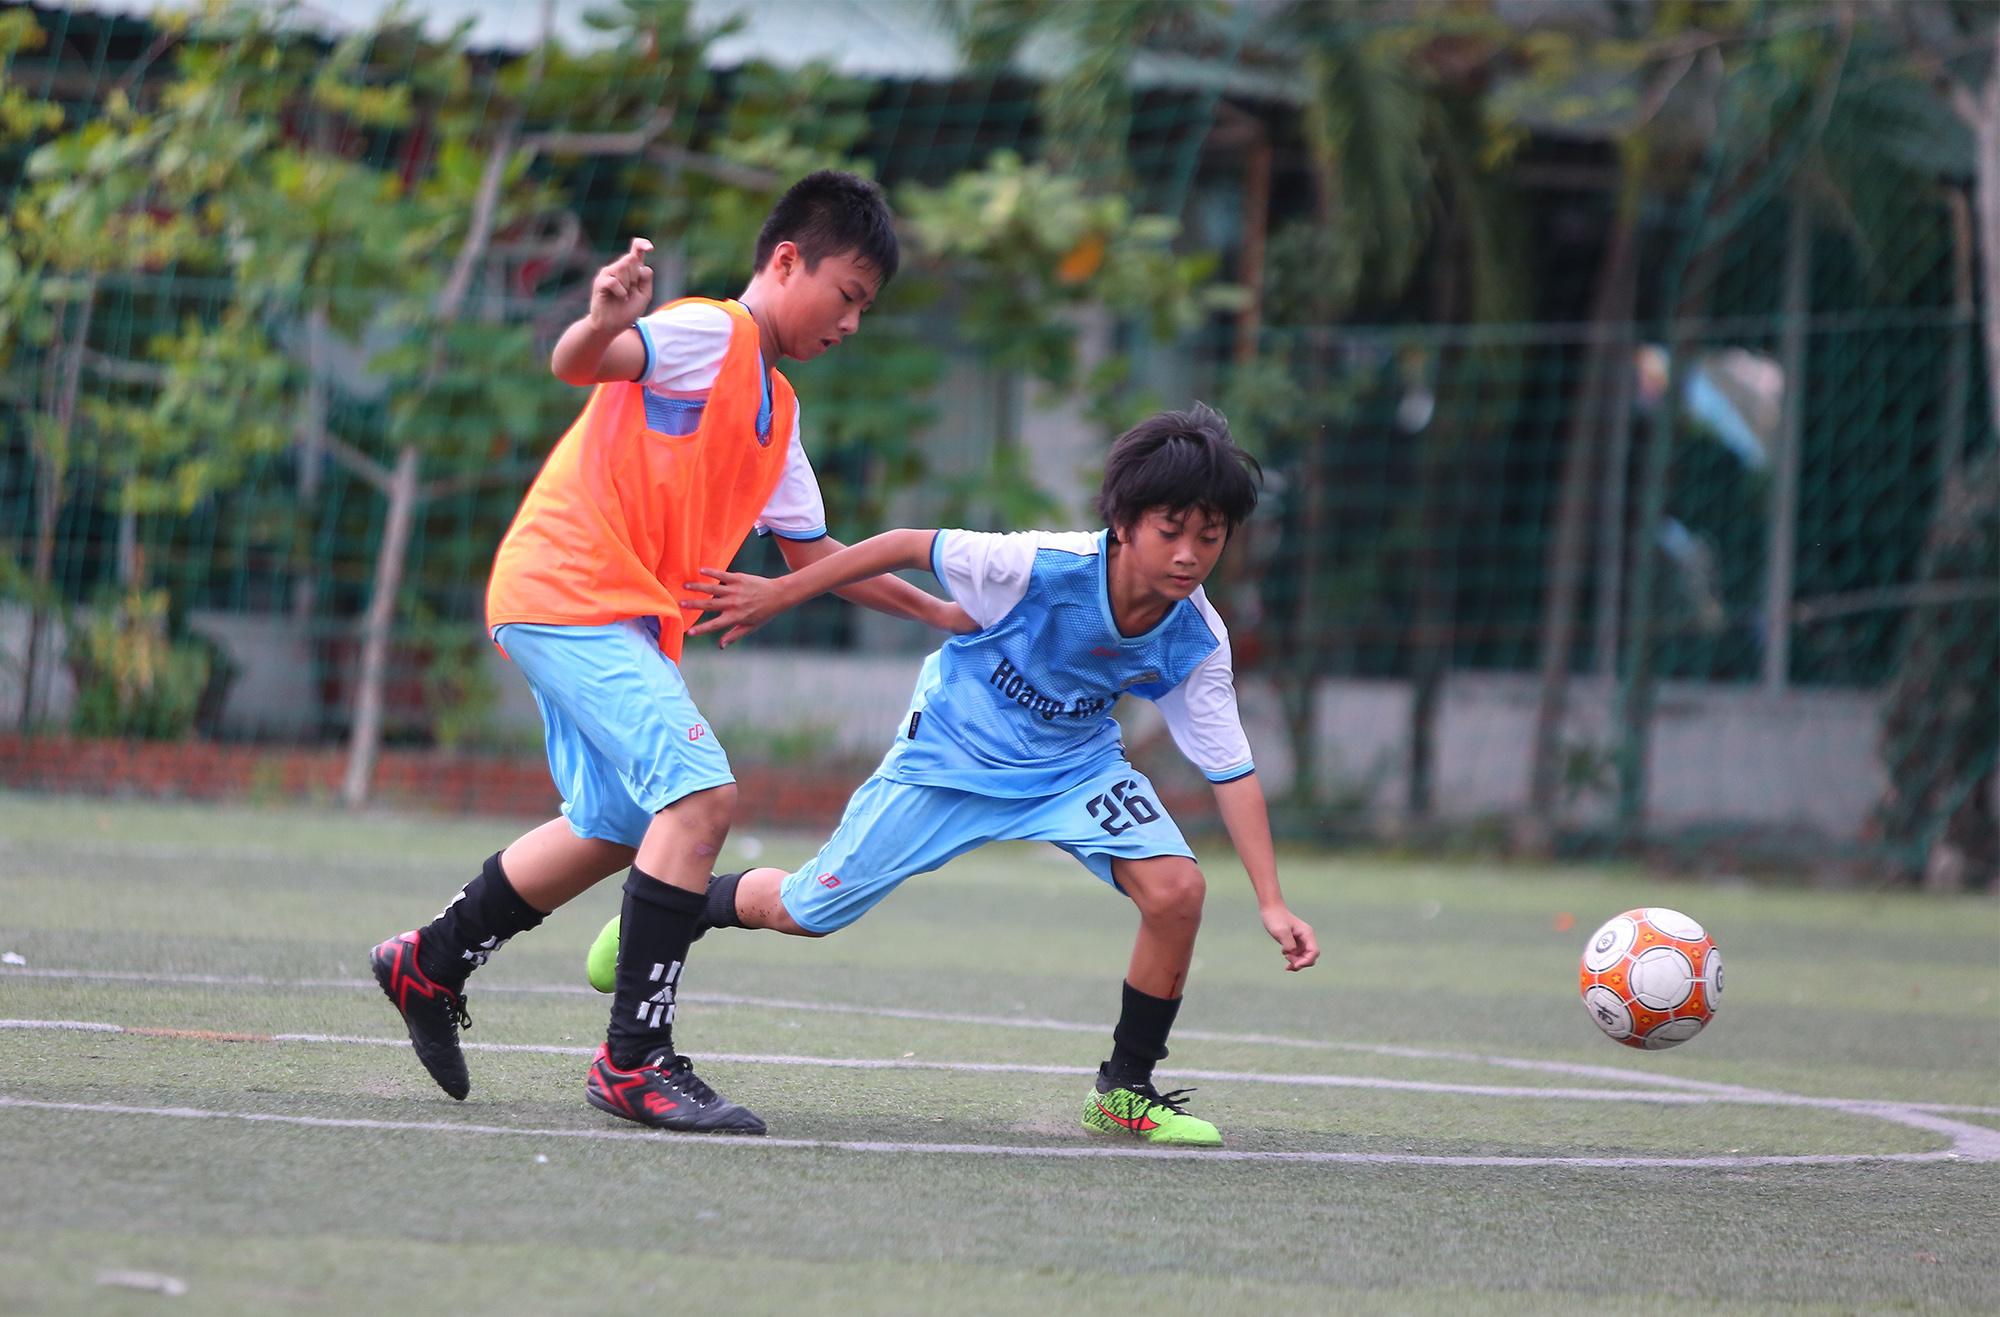 U14 Bình Dương vô địch các nhóm tuổi tranh Cup Hoàng Gia 2019 - Bóng Đá